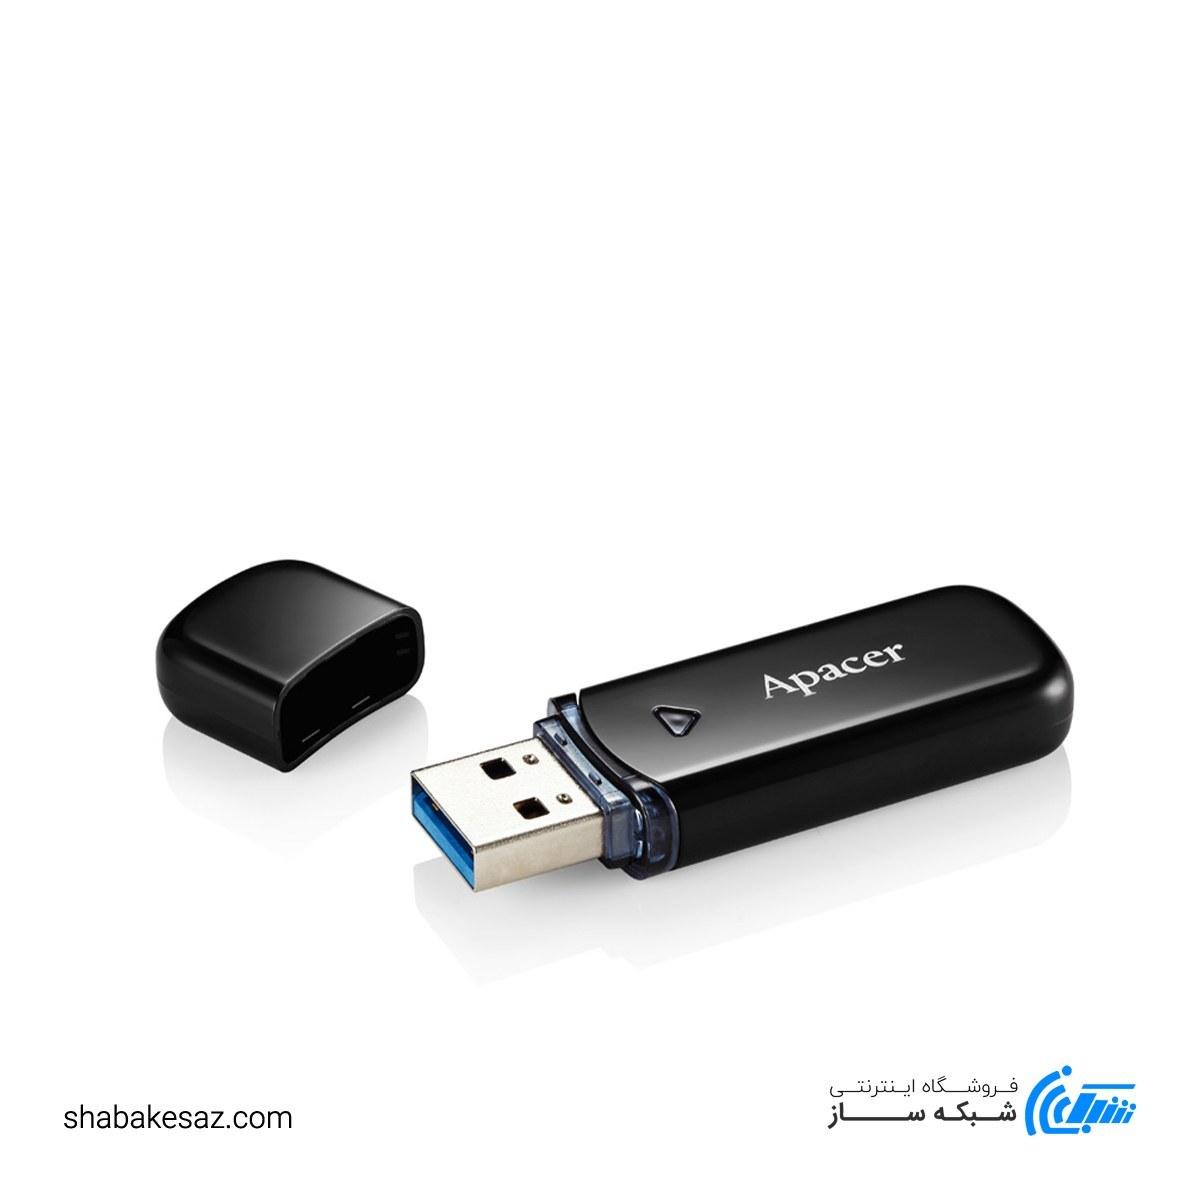 تصویر فلش اپیسر مدل Apacer USB3.1 AH355 ظرفیت 128 گیگابایت Flash Apacer USB3.1 AH355